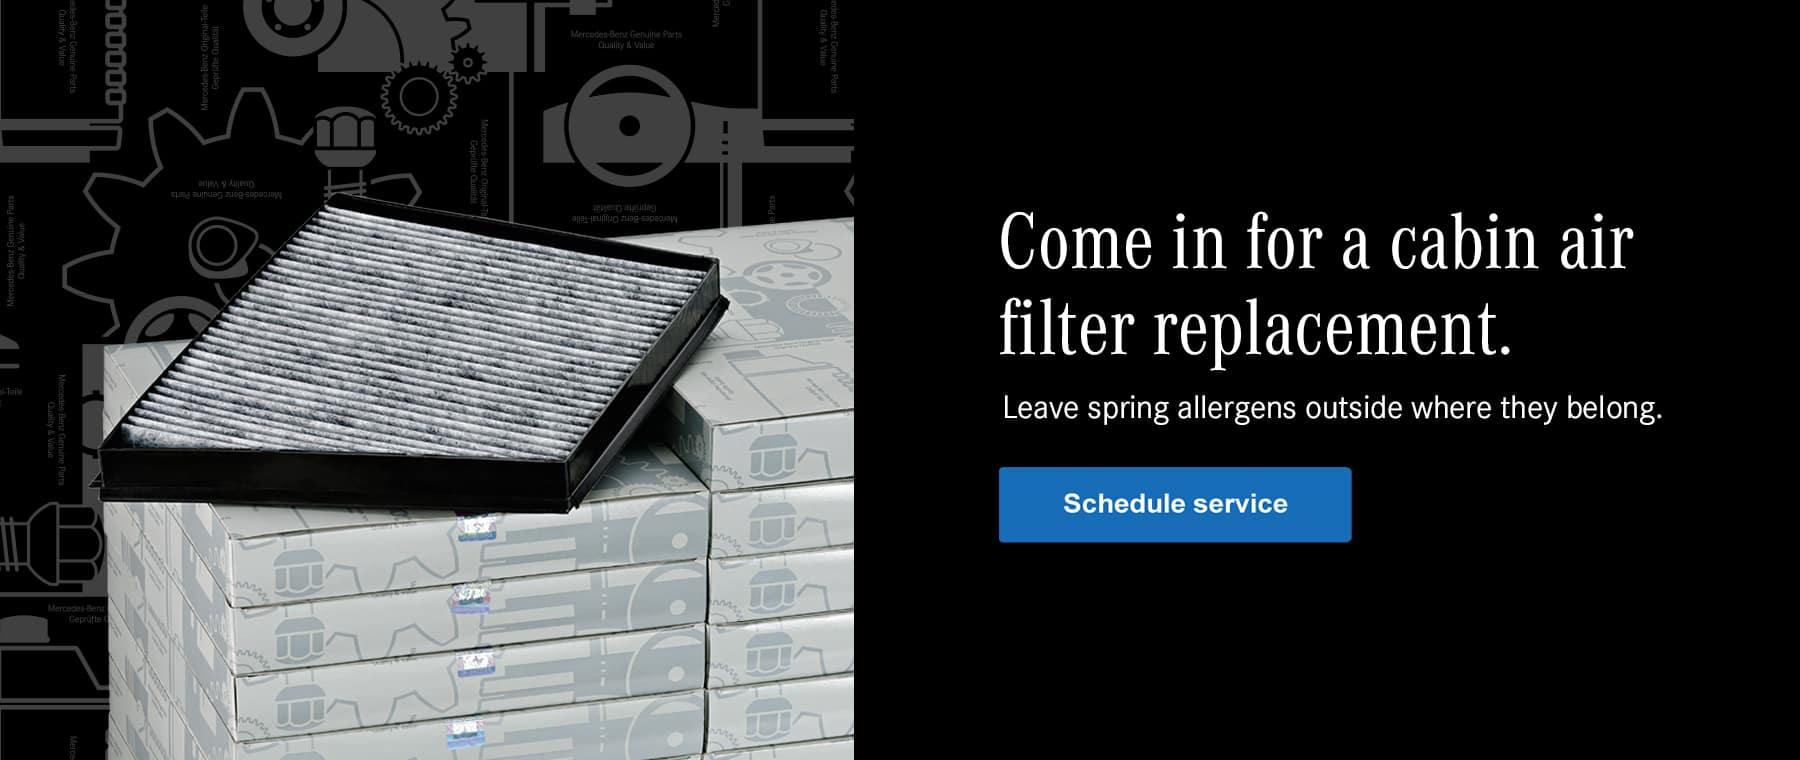 Mercedes-Benz air filter replacement